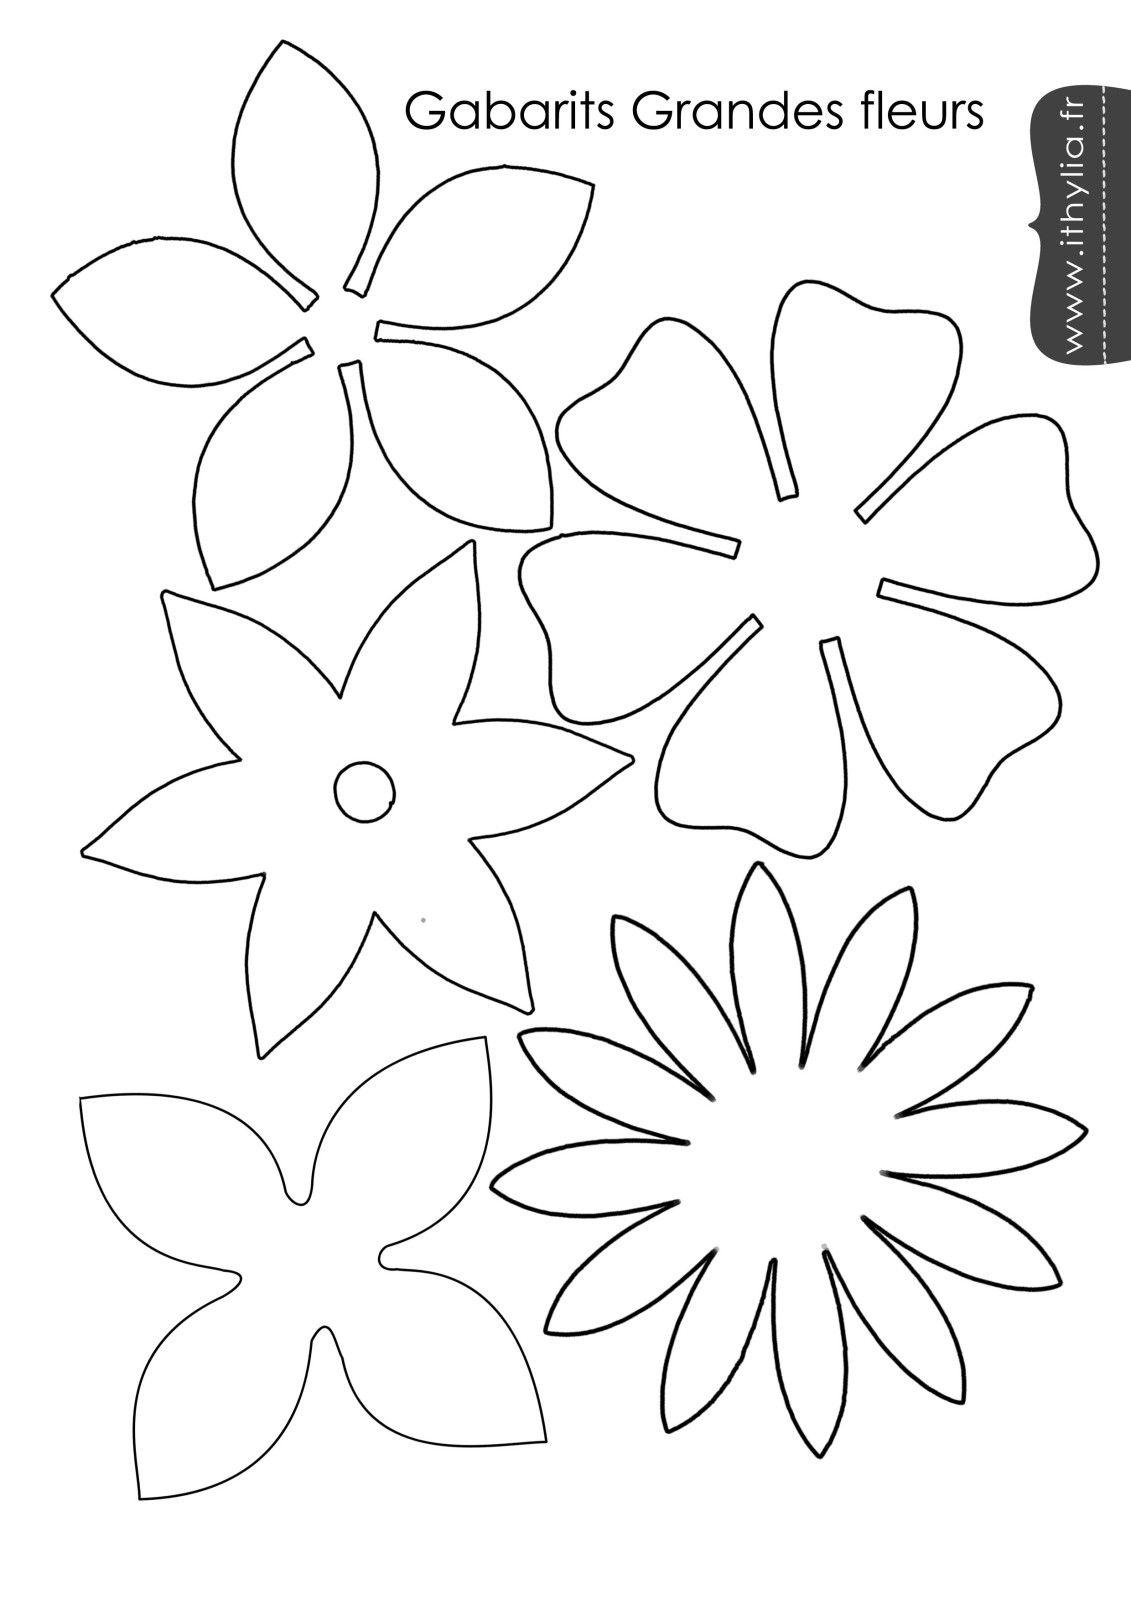 Afficher Limage Dorigine Abloonid Pinterest Template